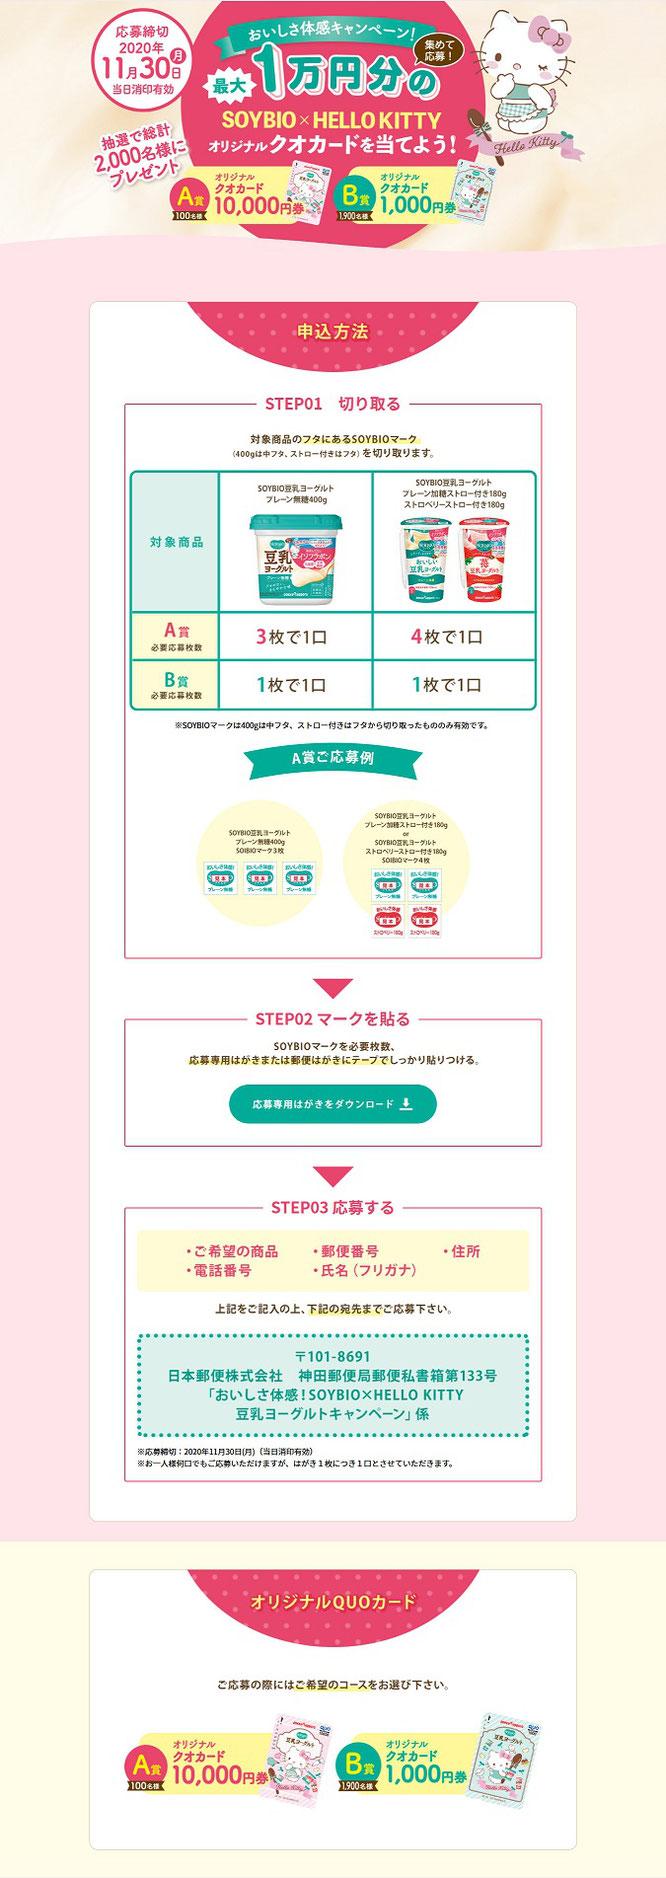 【ポッカサッポロ】SOYBIO HELLO KITTY 豆乳ヨーグルトキャンペーン